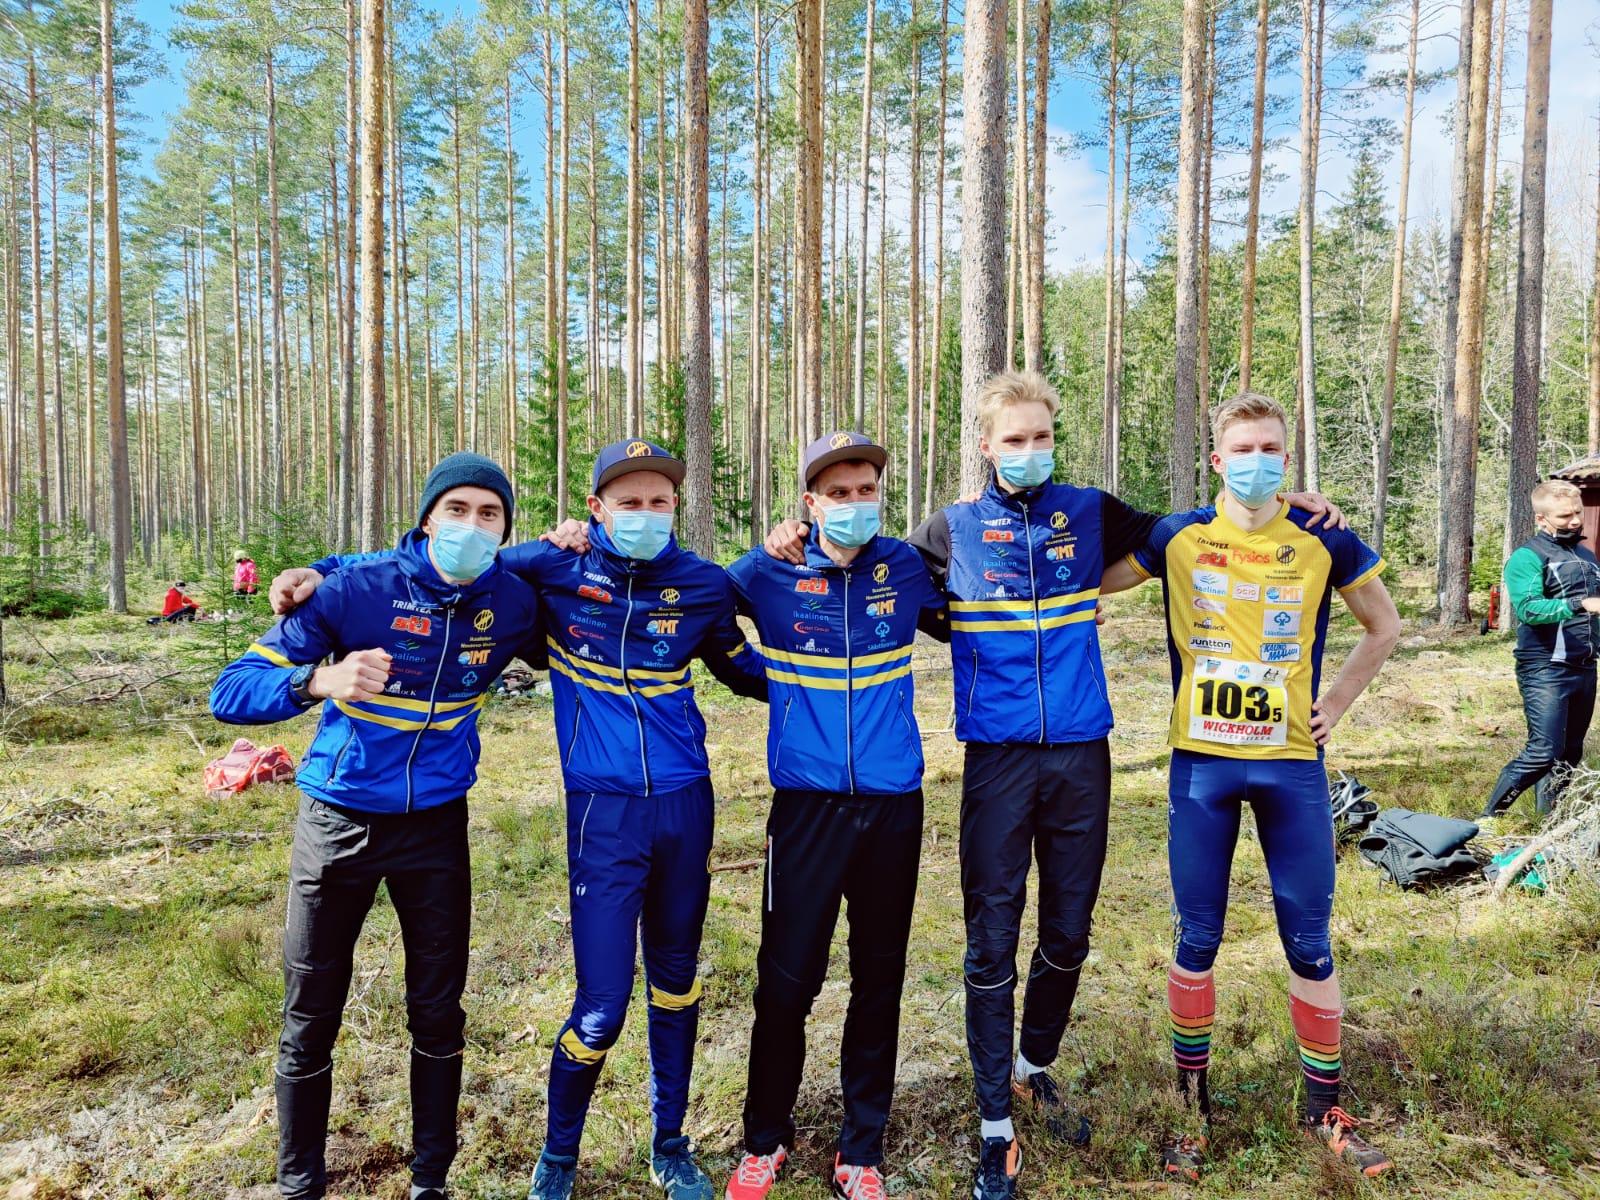 Nouskin kolmanneksi suunnistanut joukkue vasemmalta oikealle: Mikko Knuuttila, Juha Luoma, Vesa Taanila, Teemu Oksanen ja Eetu Savolainen.